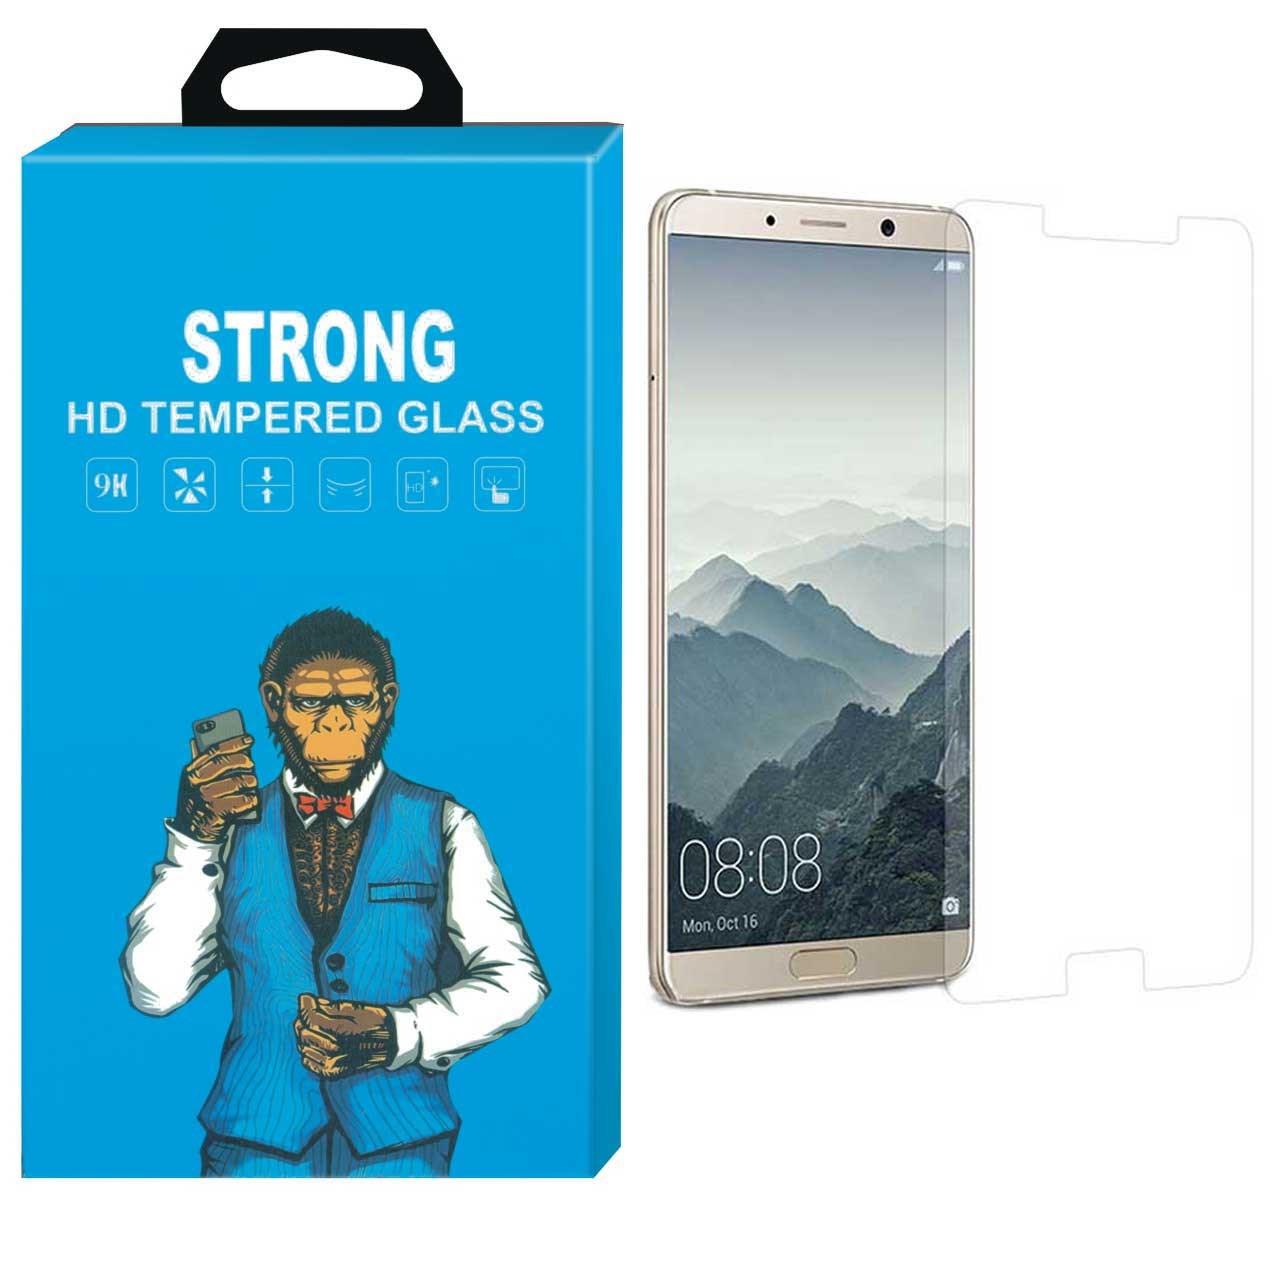 محافظ صفحه نمایش شیشه ای تمپرد مدل Strong مناسب برای گوشی هواوی Mate 10